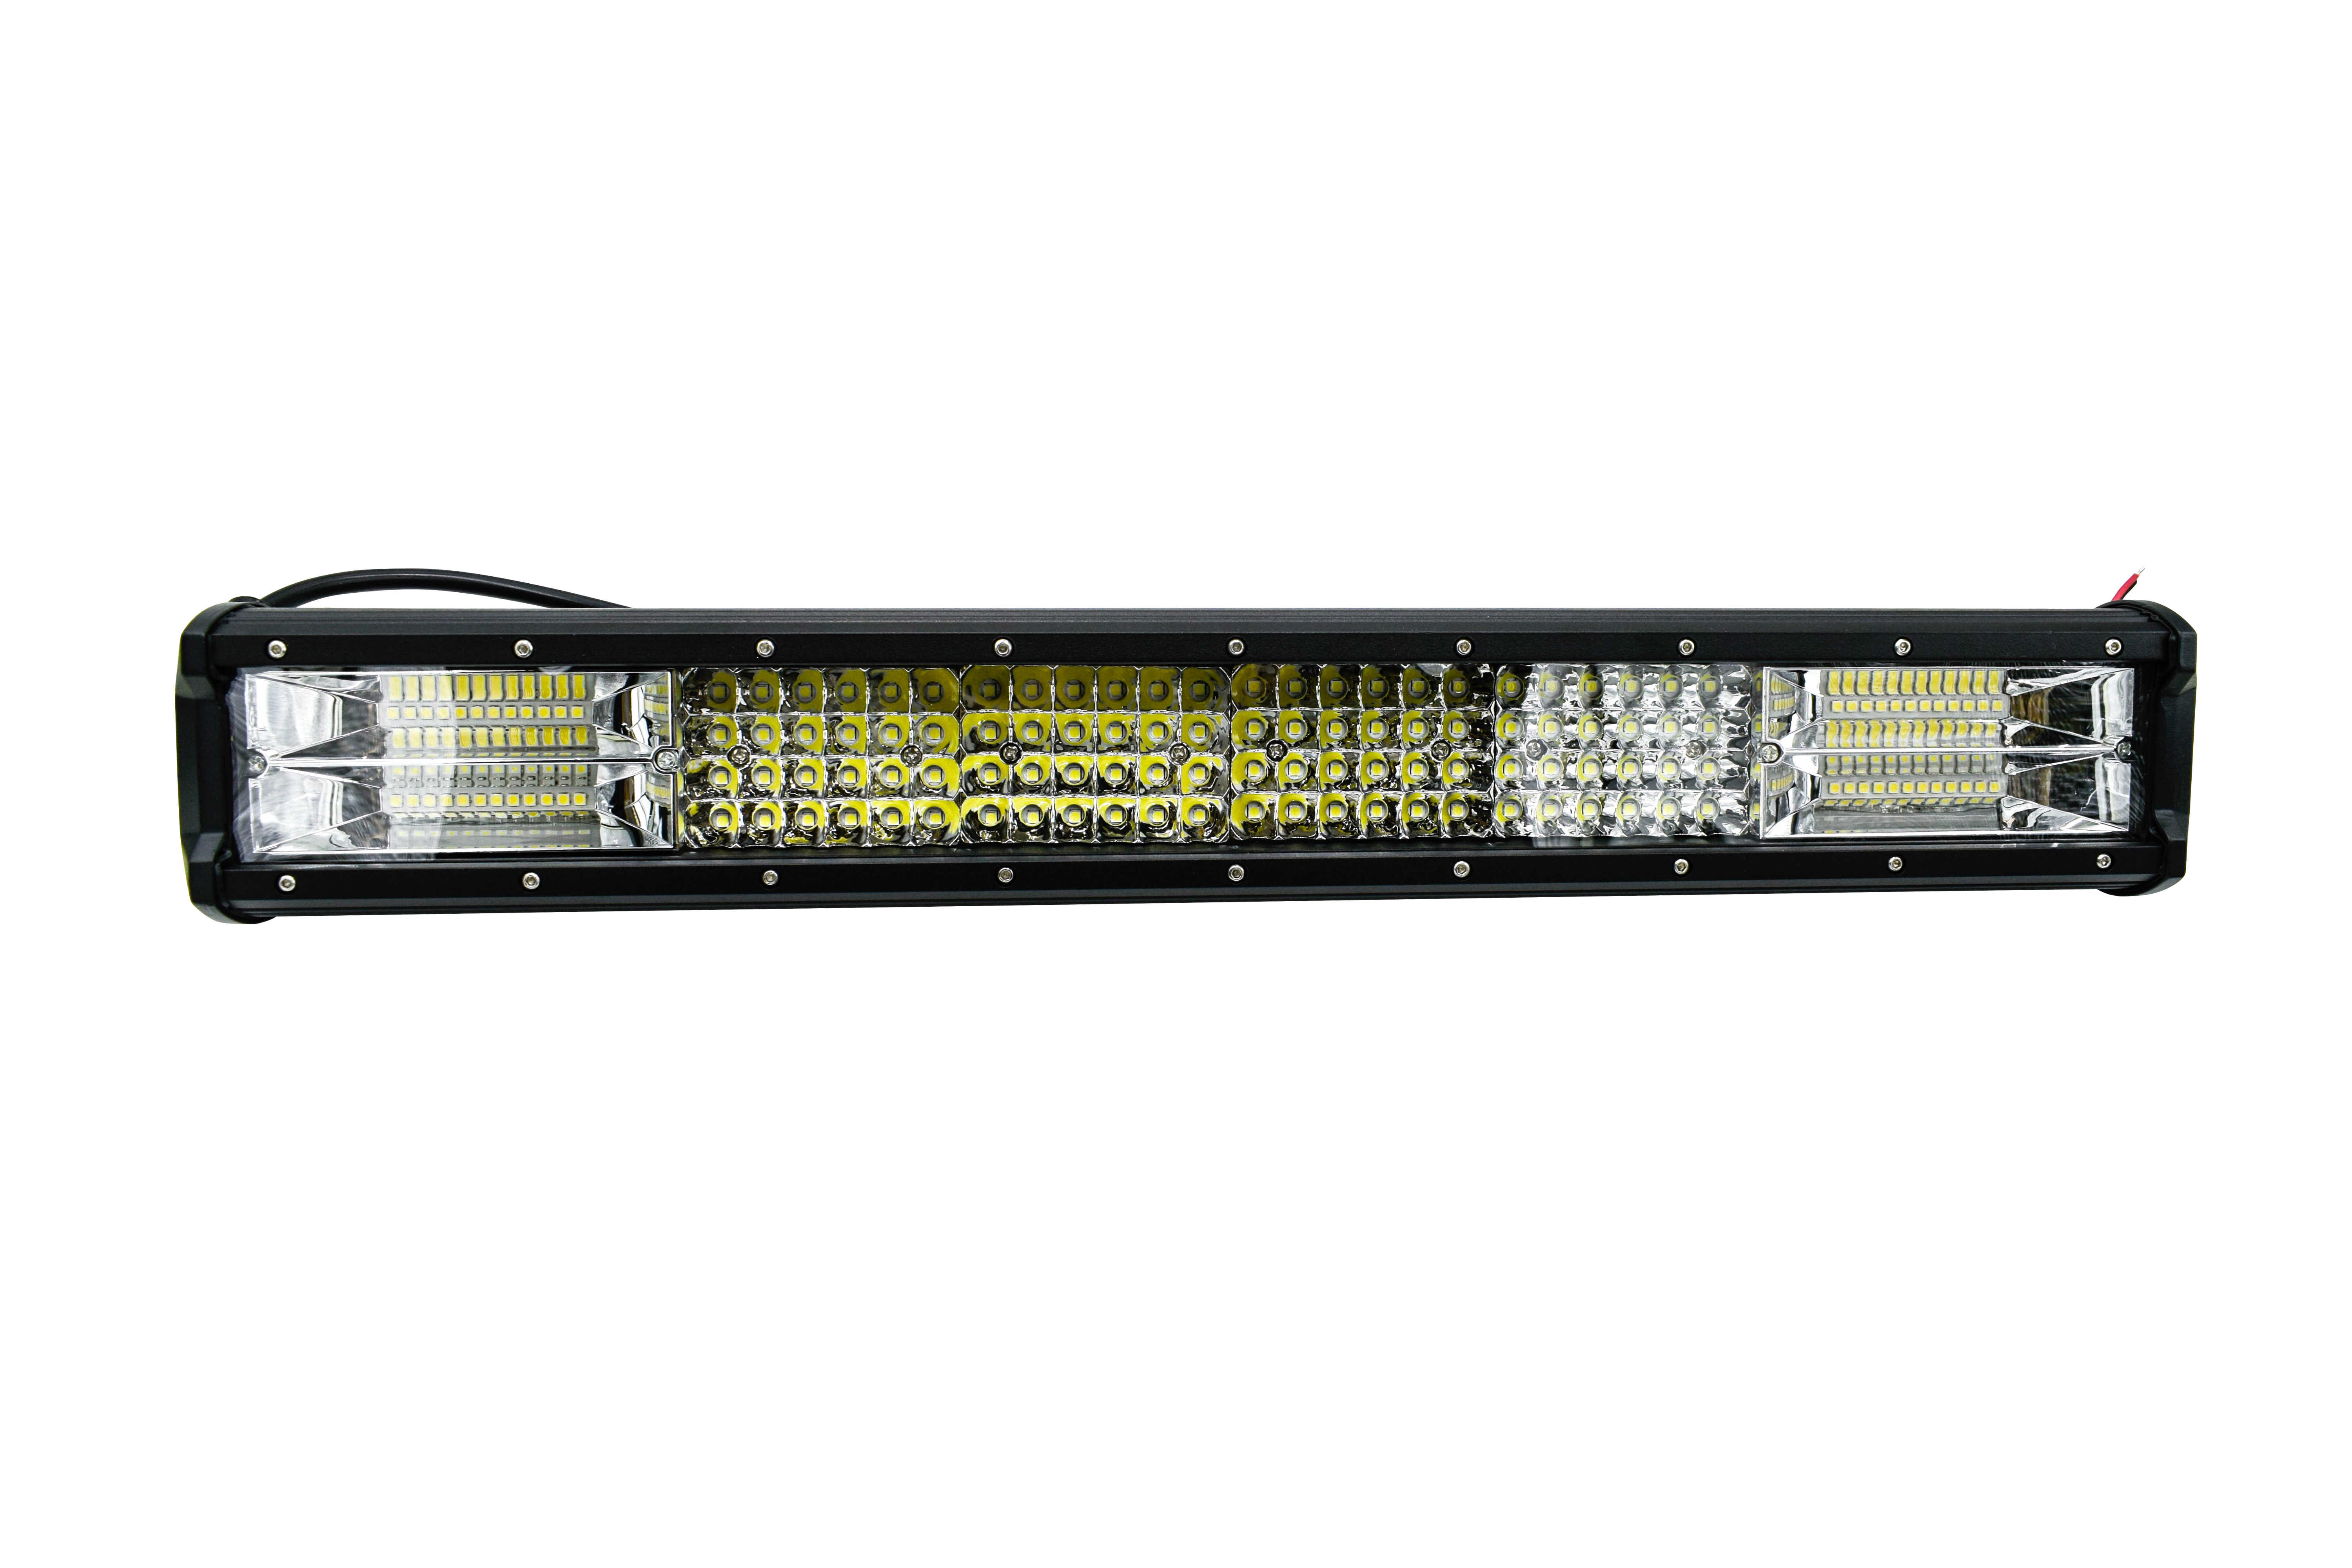 رباعية صف 4/7/17/20/23/28/36 بوصة LED قضيب مصابيح عملي الطرق الوعرة ATV 12 فولت 4X4 بقعة الفيضانات لشاحنة SUV الضباب LED القيادة ضوء عمود إضاءة LED